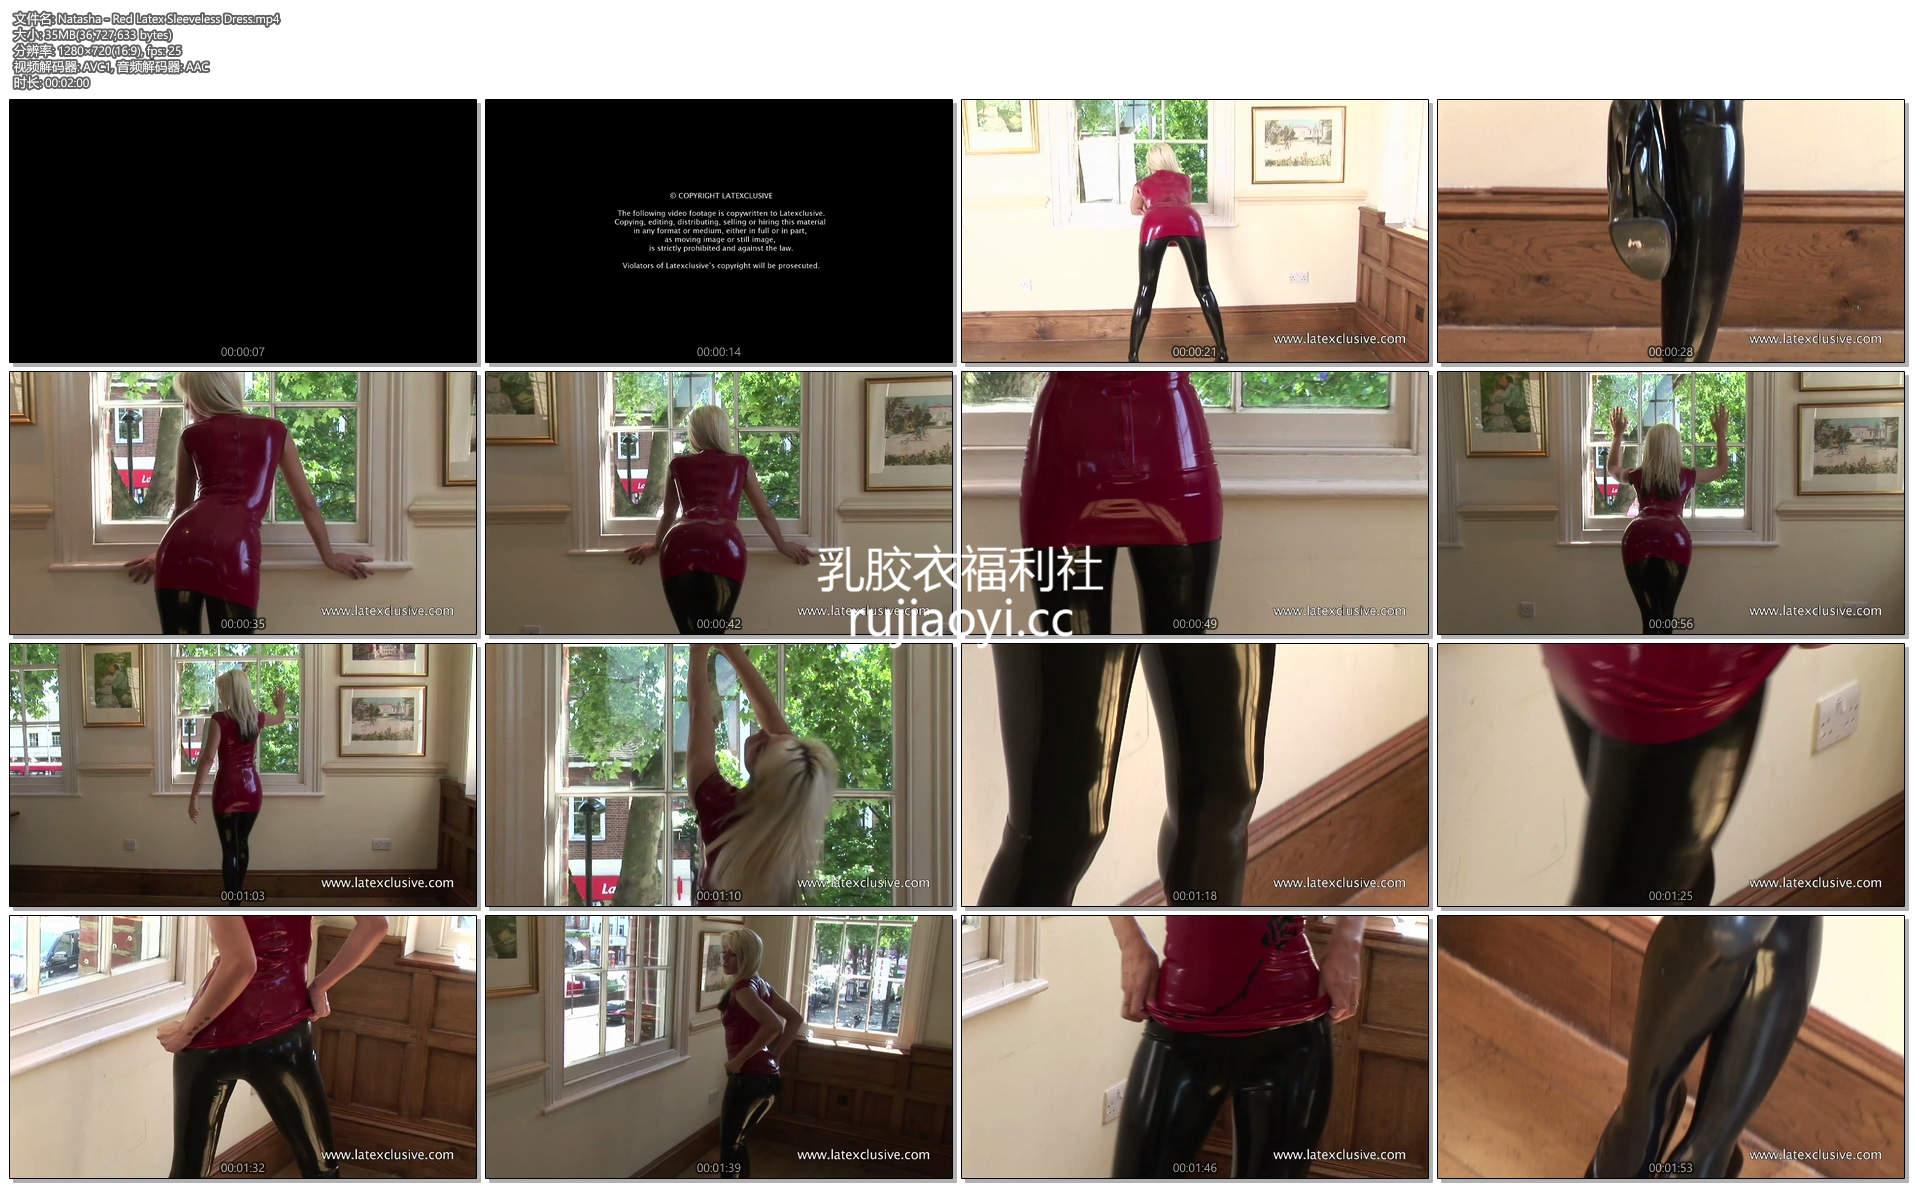 [永V专享-独家精品乳胶衣视频] 紧身翘臀乳胶裤想舔-720p高清视频 [1V/35M]